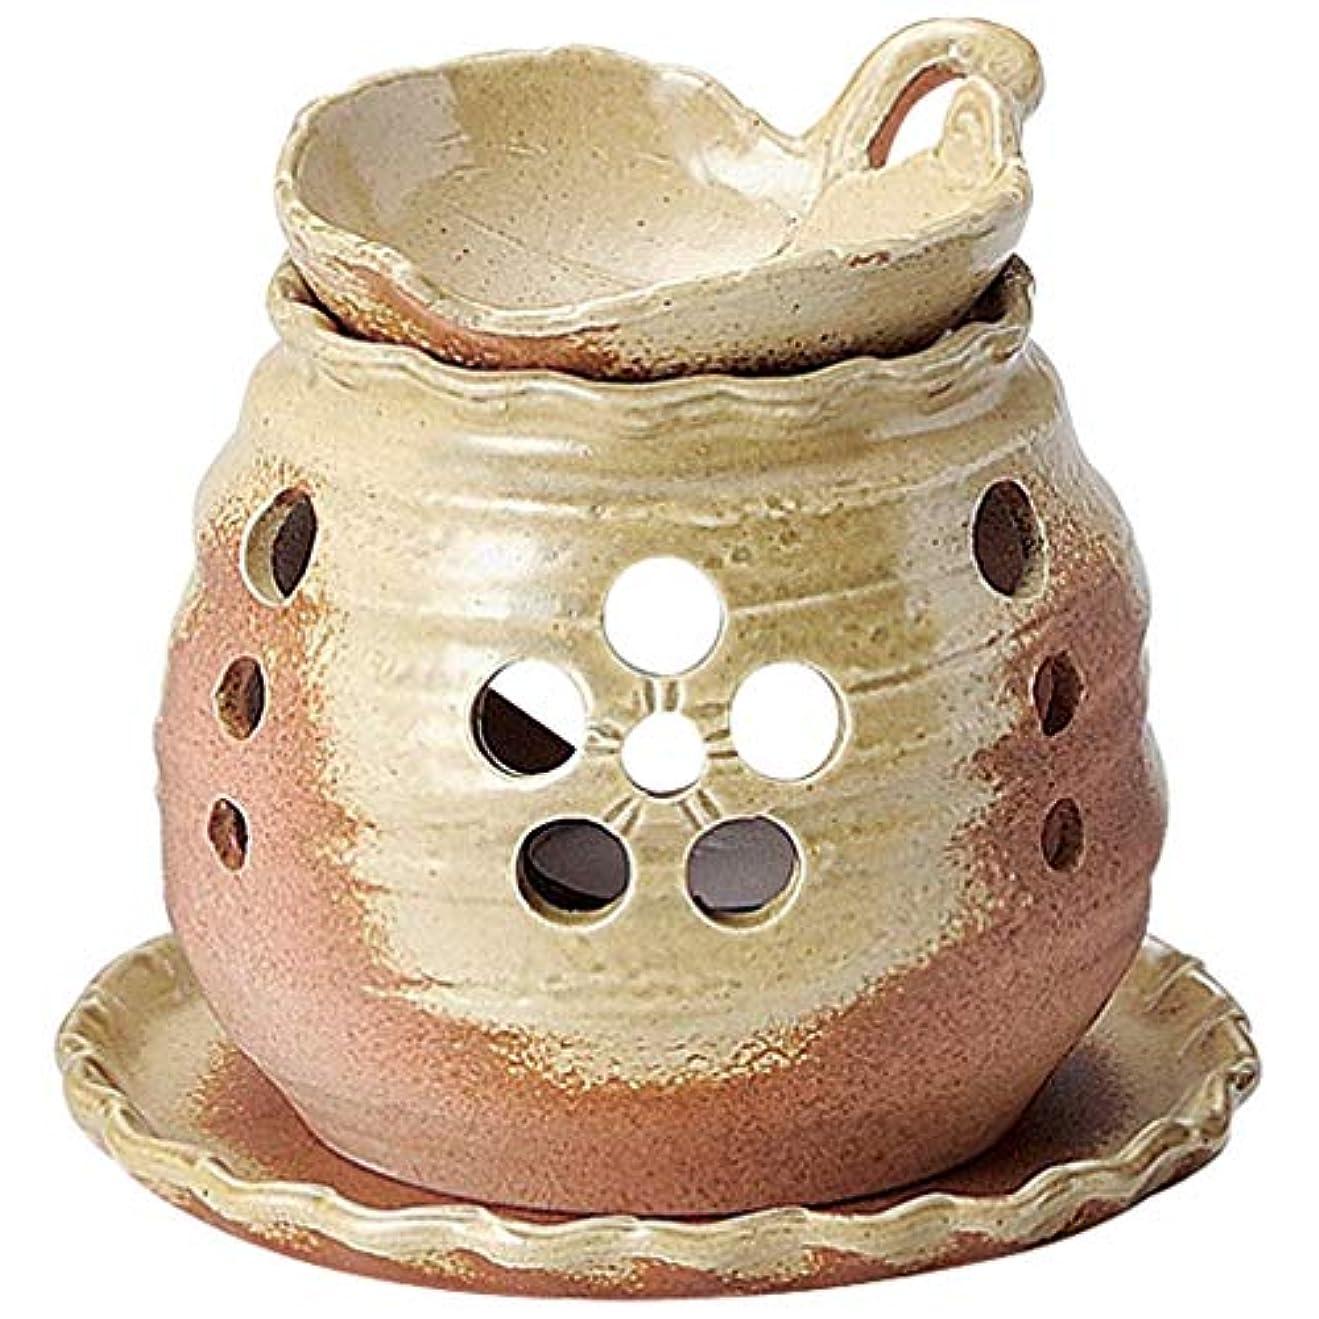 鬼ごっこプレート社説常滑焼 ?39-06 茶香炉ゆとり 木の葉 皿付   ロウソク1ヶ付 径13.2×11.5